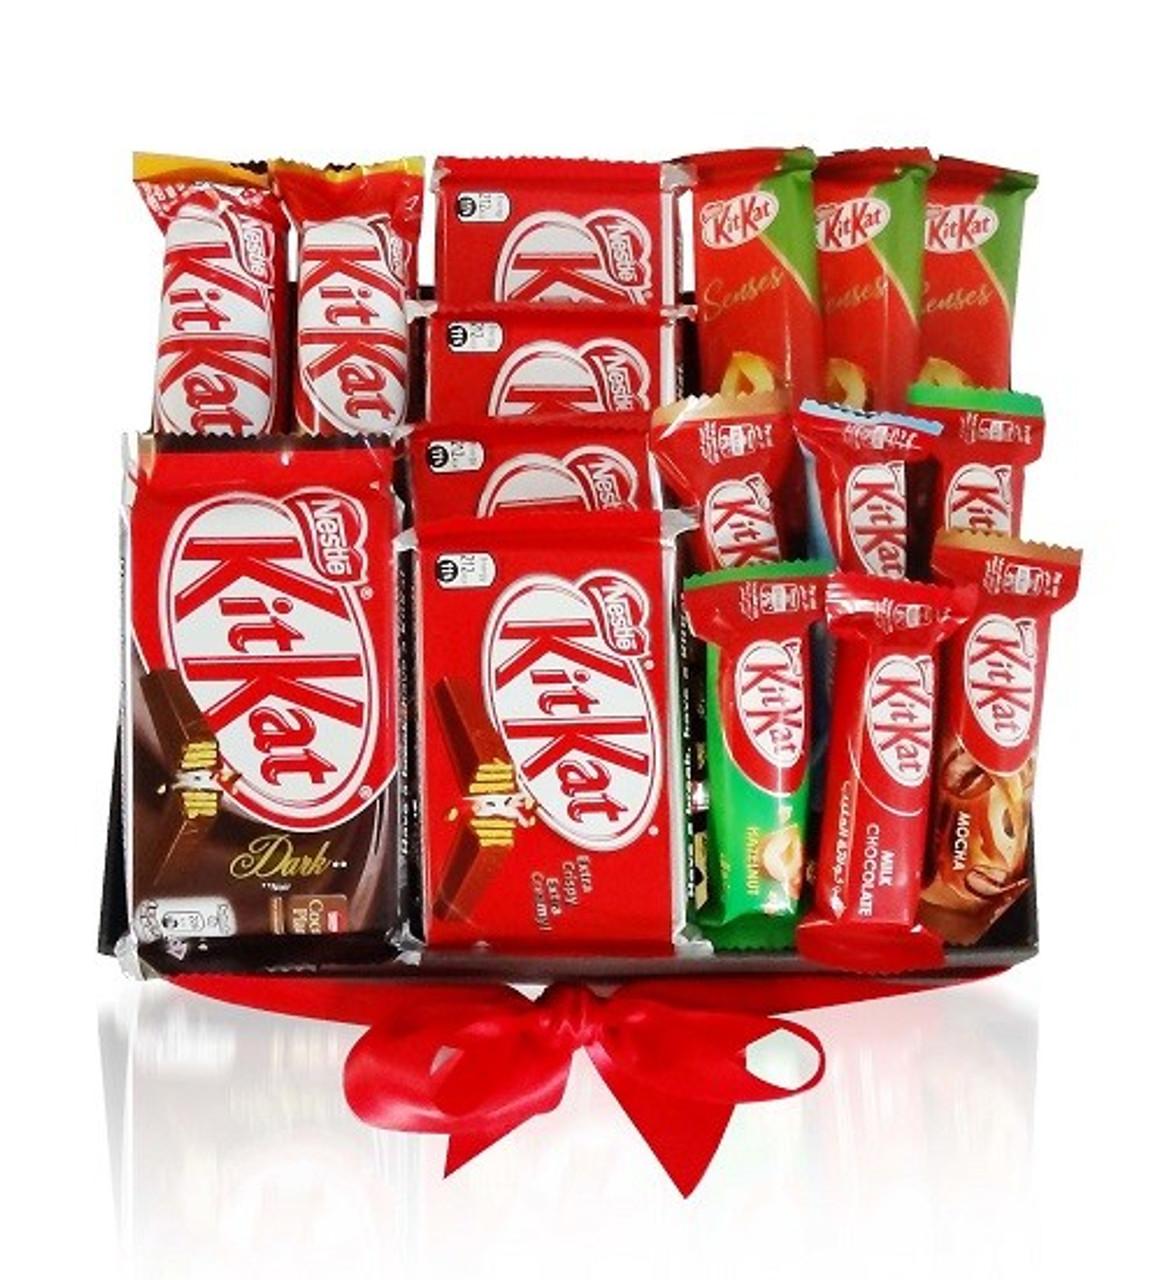 Kit Kat Lovers Premium Gift Box